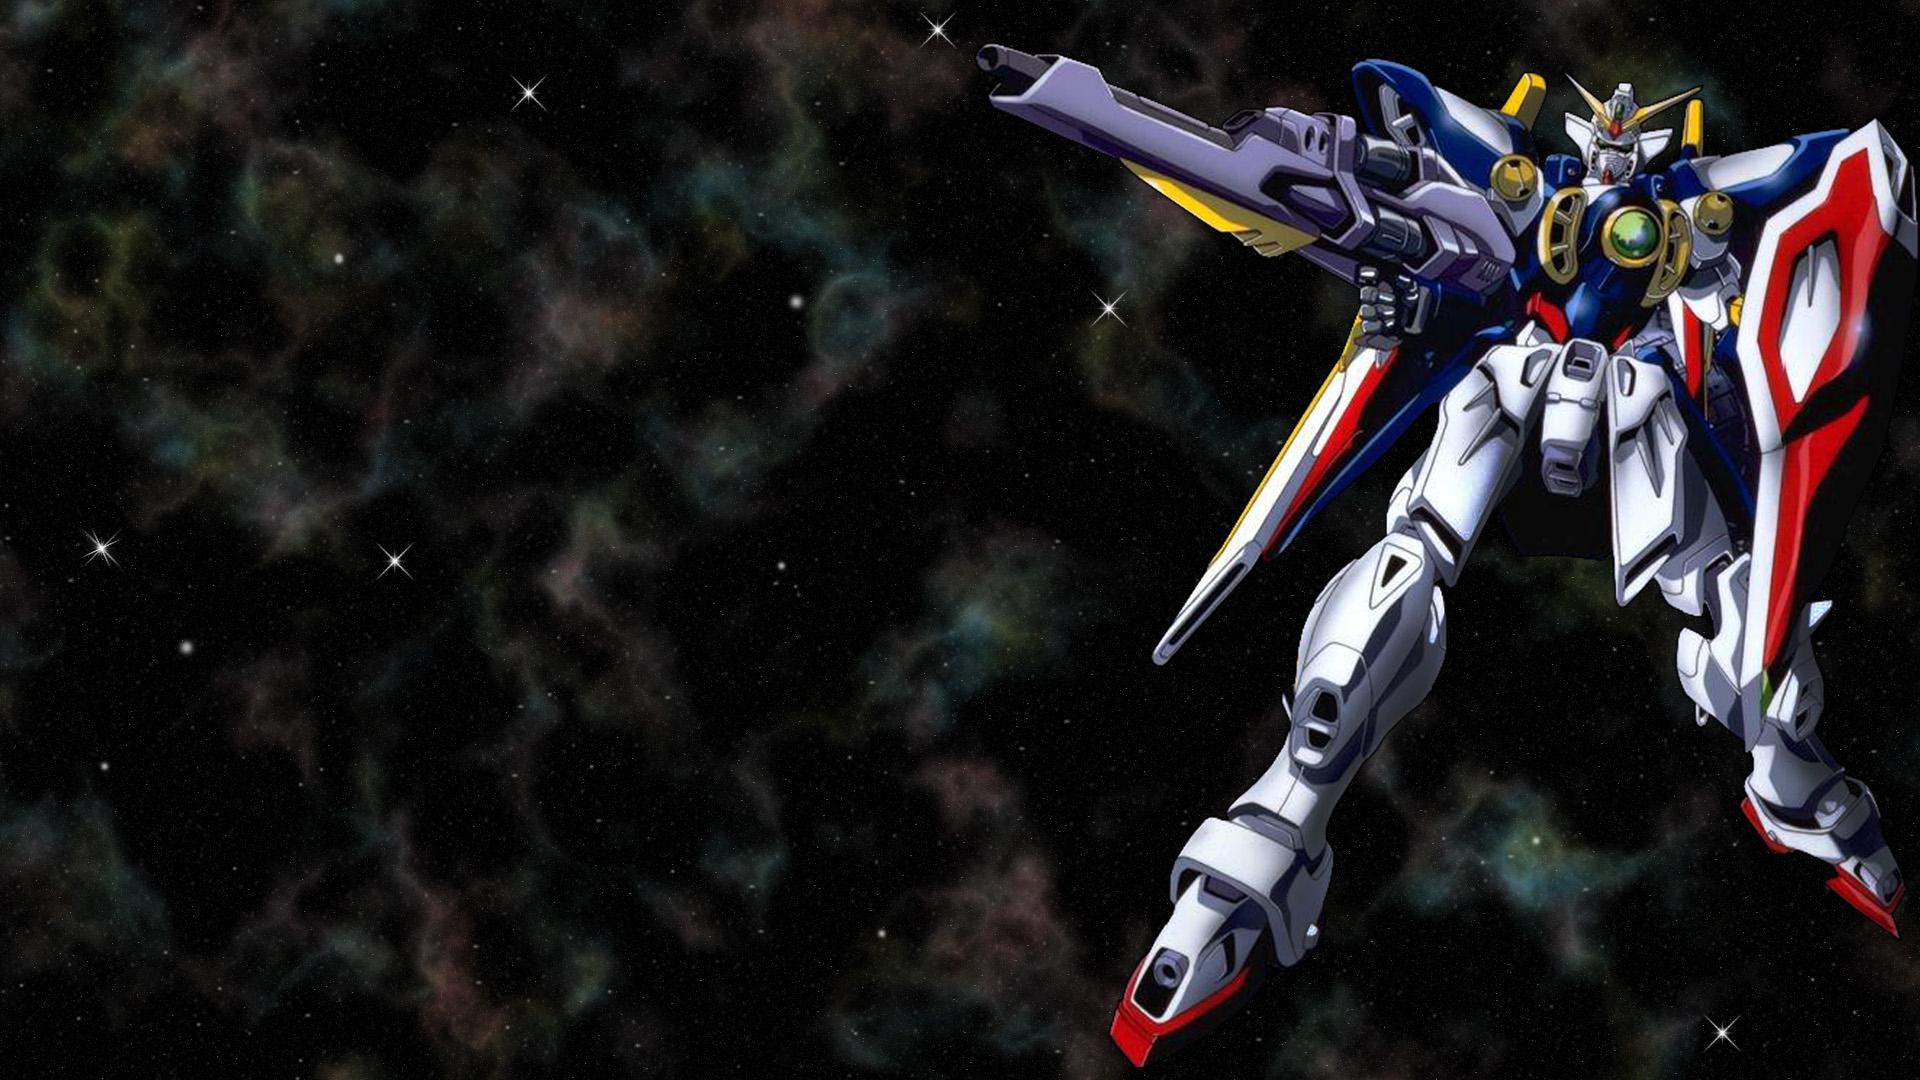 Gundam Wallpapers 1080p Wallpapersafari